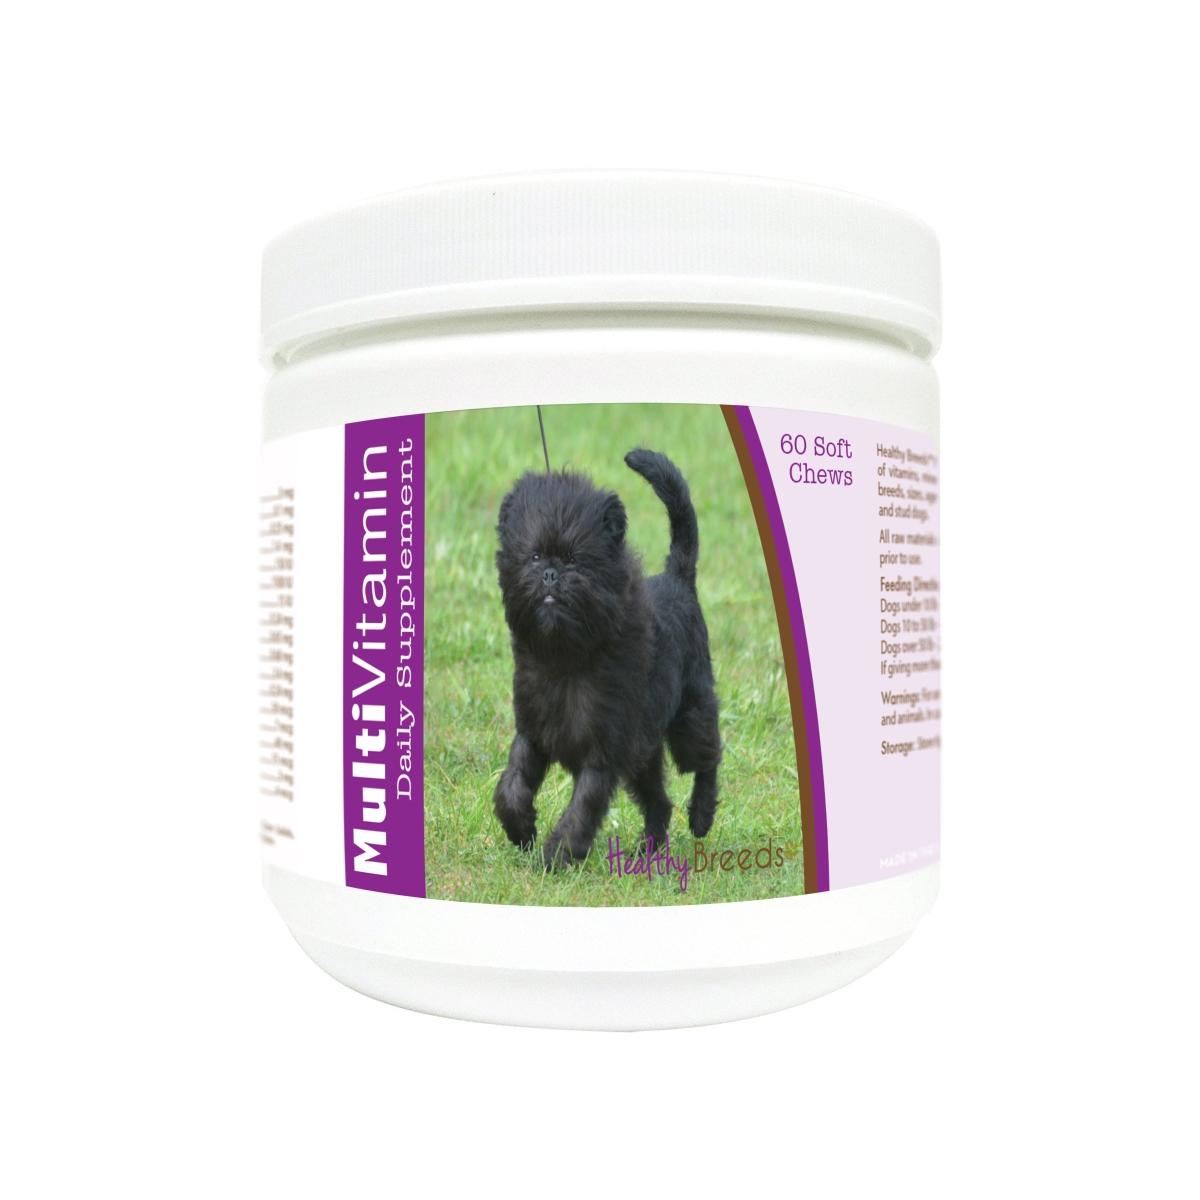 Healthy Breeds 840235171478 Affenpinscher Multi-Vitamin Soft Chews - 60 Count